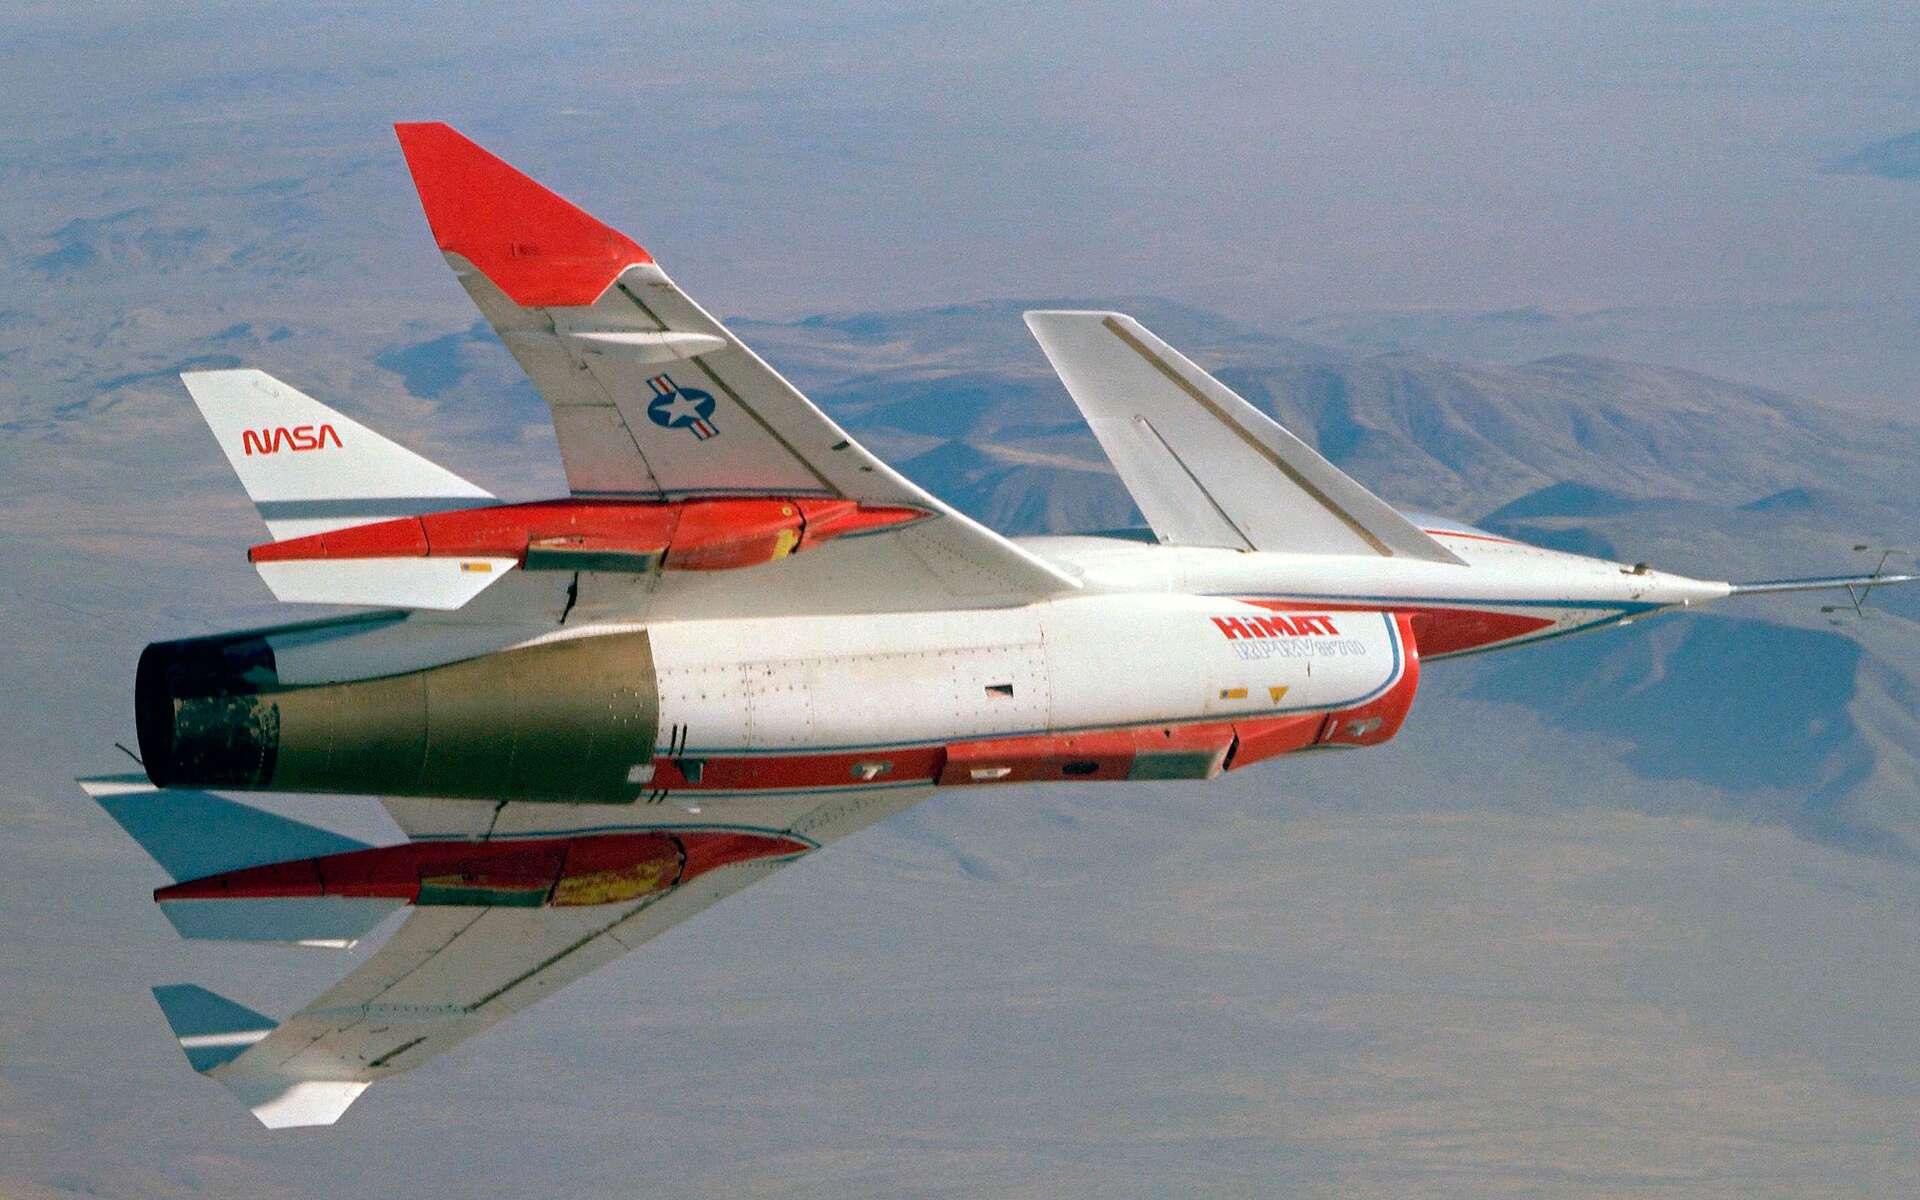 La Nasa met en ligne plus de 300 vidéos d'archive. Ici, l'avion expérimental HiMAT durant un vol d'essai en décembre 1980. © Nasa